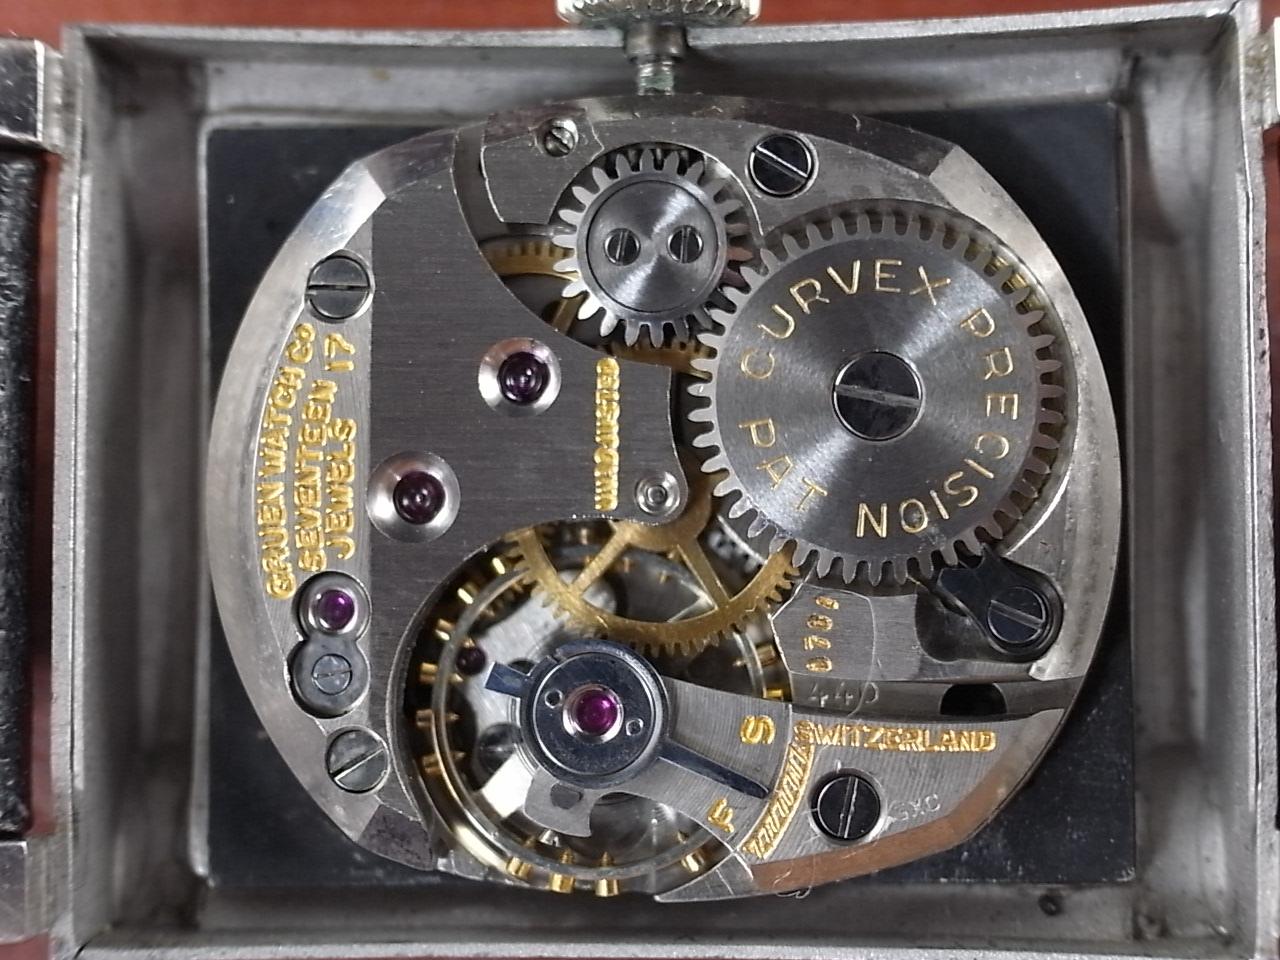 グリュエン カーベックス 14KWG ブラックミラーダイアル 1940年代の写真5枚目